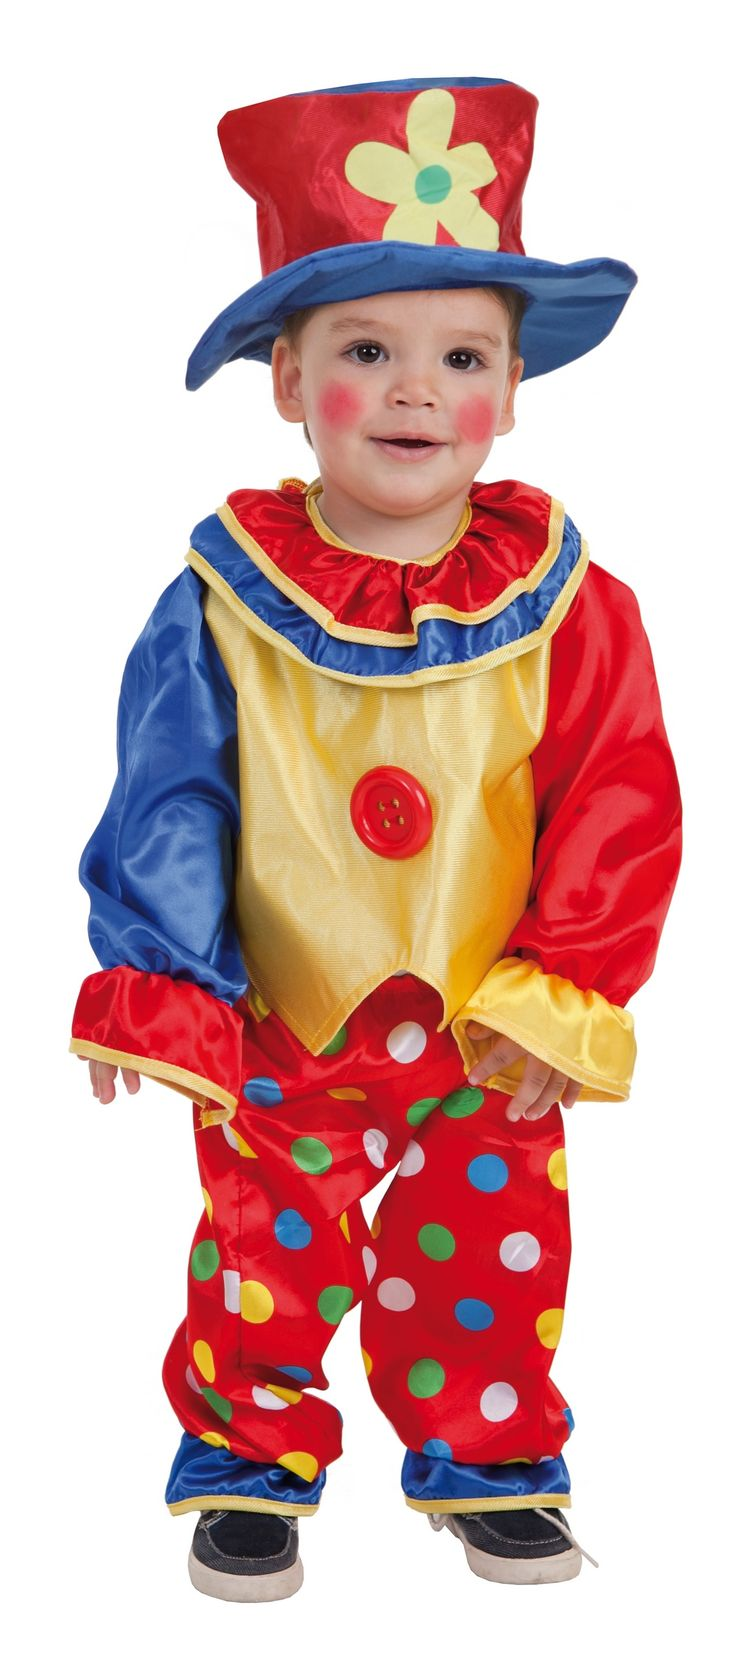 Disfraz de Payaso Pepon. Un divertido #disfraz para tu bebe que podras encontrar en www.disfracesmurillo.es